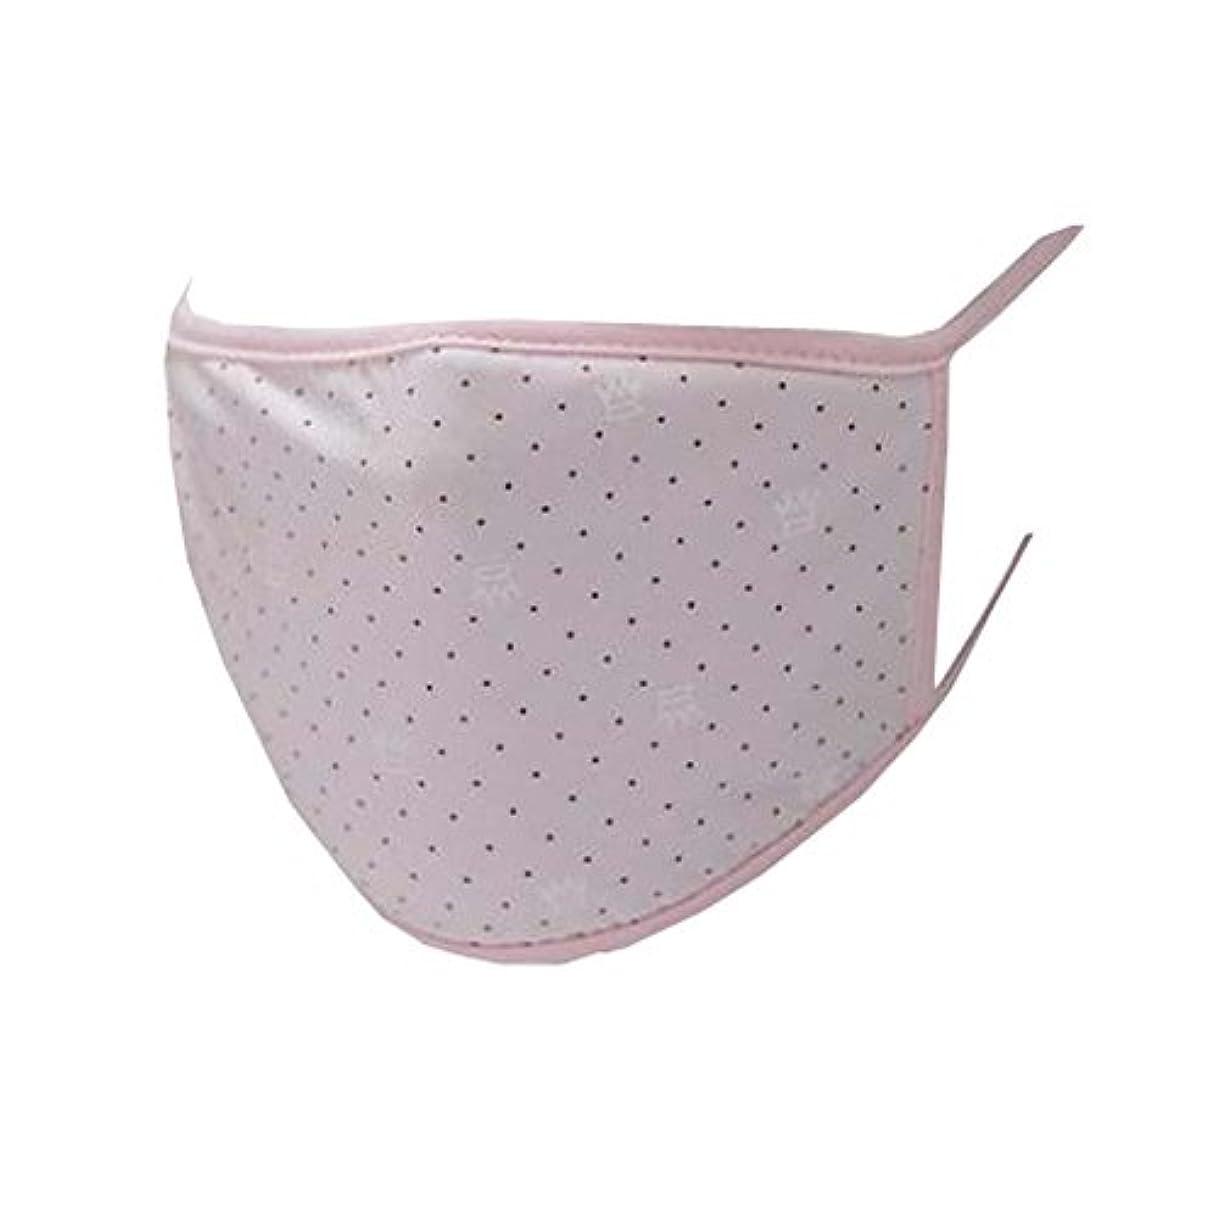 アメリカアレンジスケッチ口マスク、再使用可能フィルター - 埃、花粉、アレルゲン、抗UV、およびインフルエンザ菌 - A